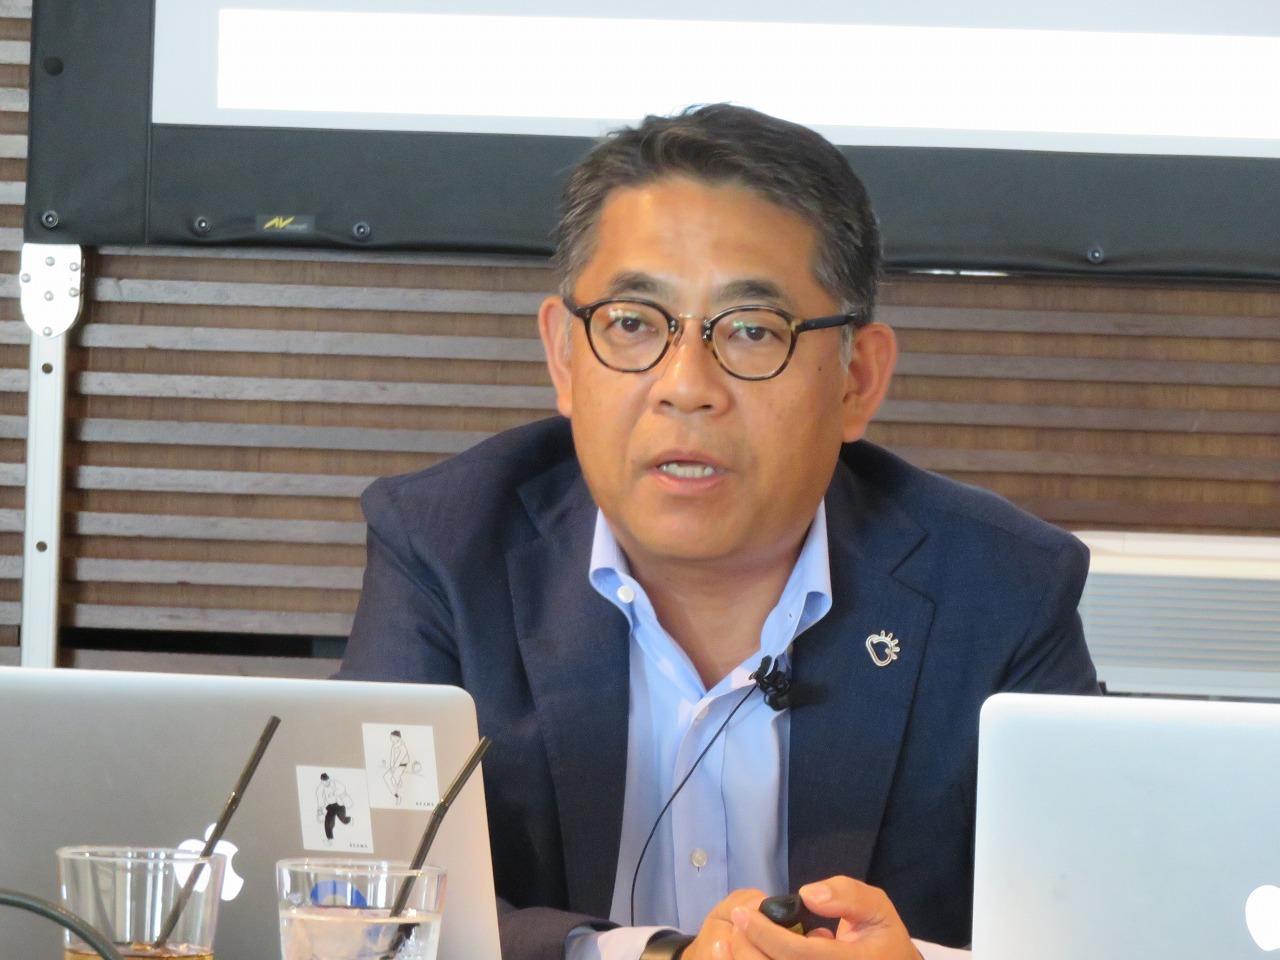 「IBM Cloudはここが違う」--日本IBMのクラウド事業責任者が力説